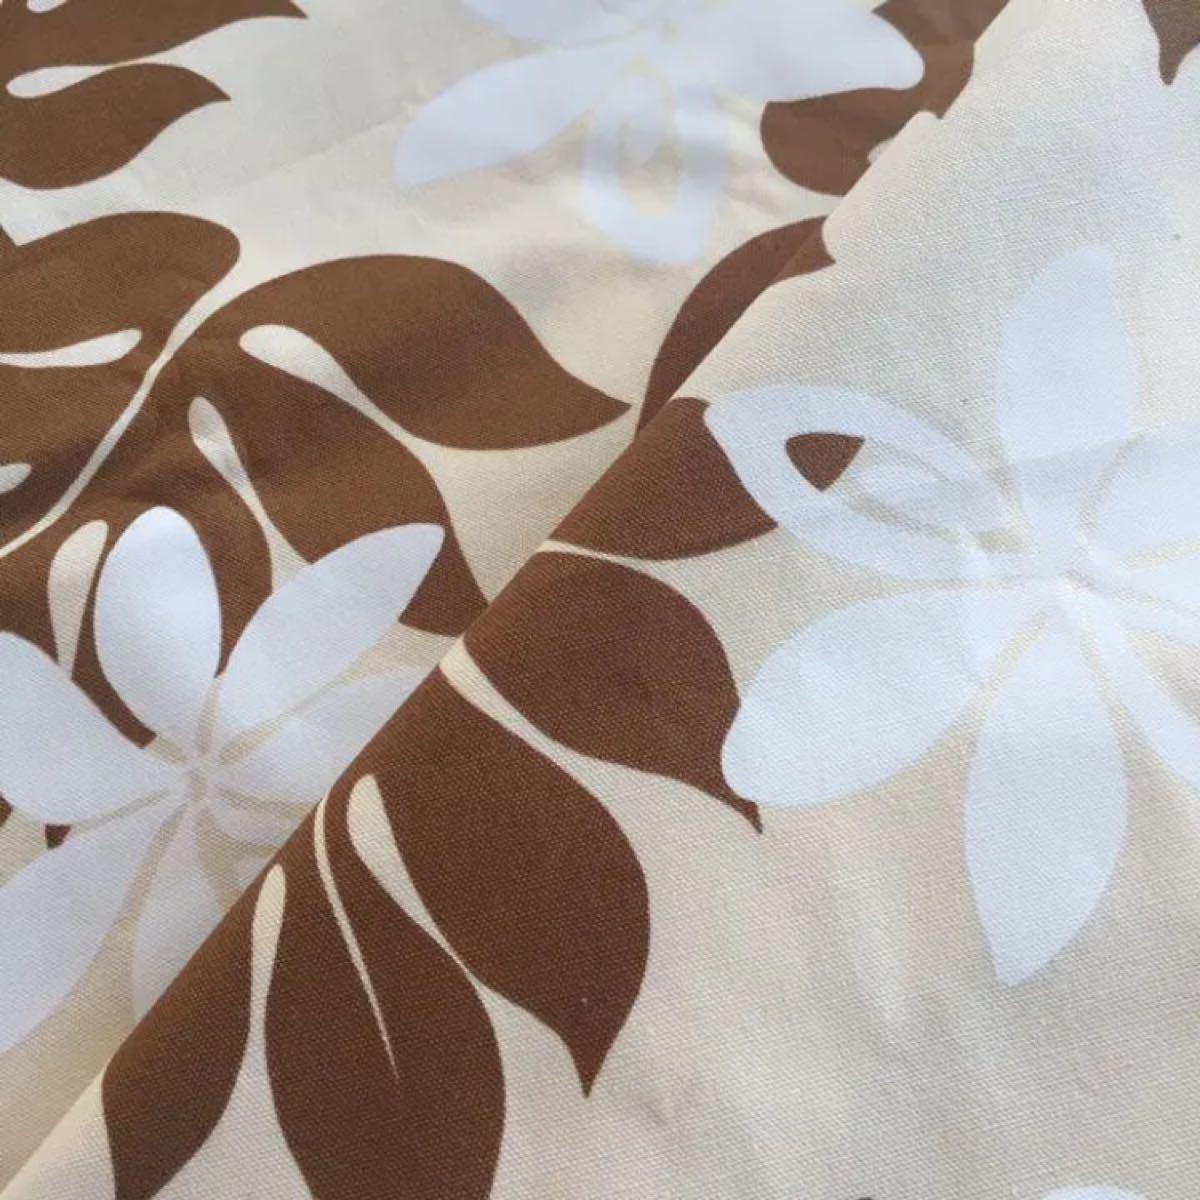 生地☆リーフ柄 100cm×50cm セブンベリー はぎれ 綿 布 ハワイ 日本製 茶 白 花 モンステラ